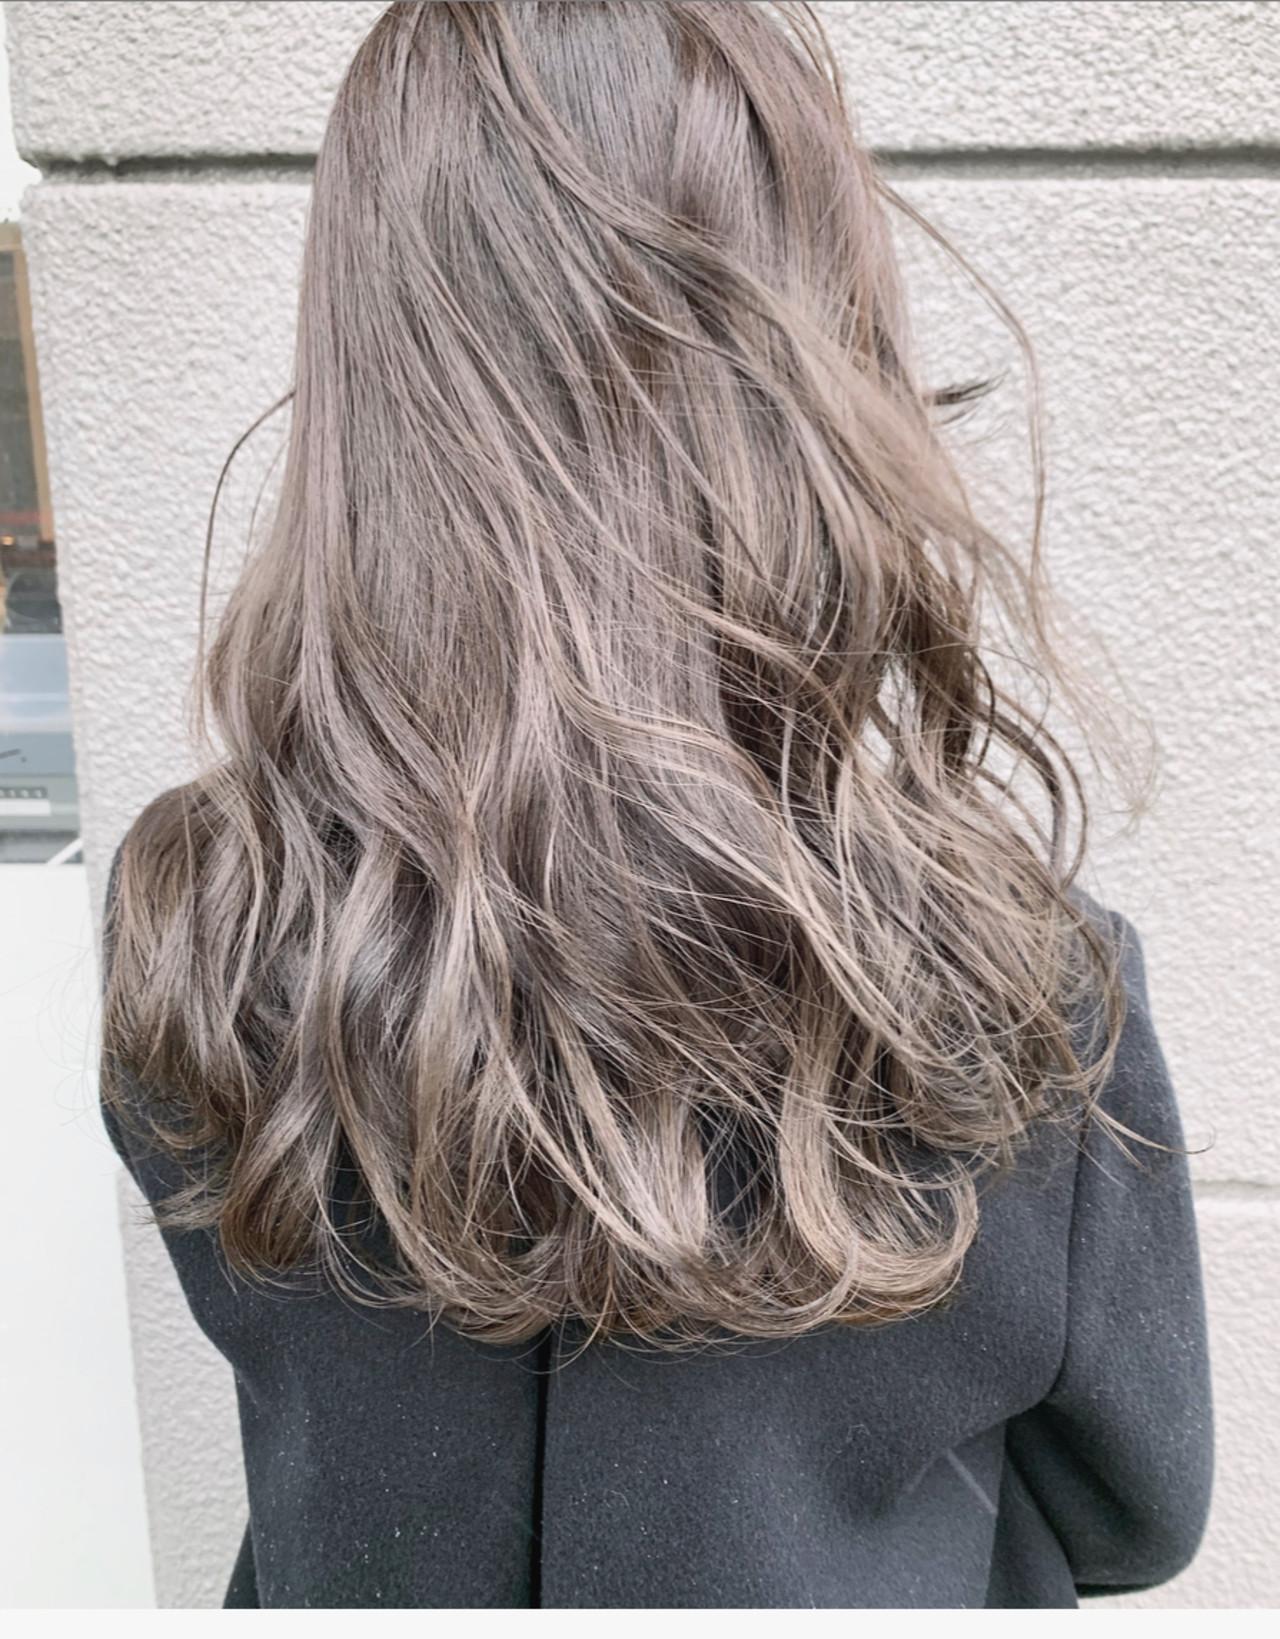 透明感カラー アッシュグレージュ ミルクティーベージュ セミロング ヘアスタイルや髪型の写真・画像 | 中村明俊 / AUBE hair